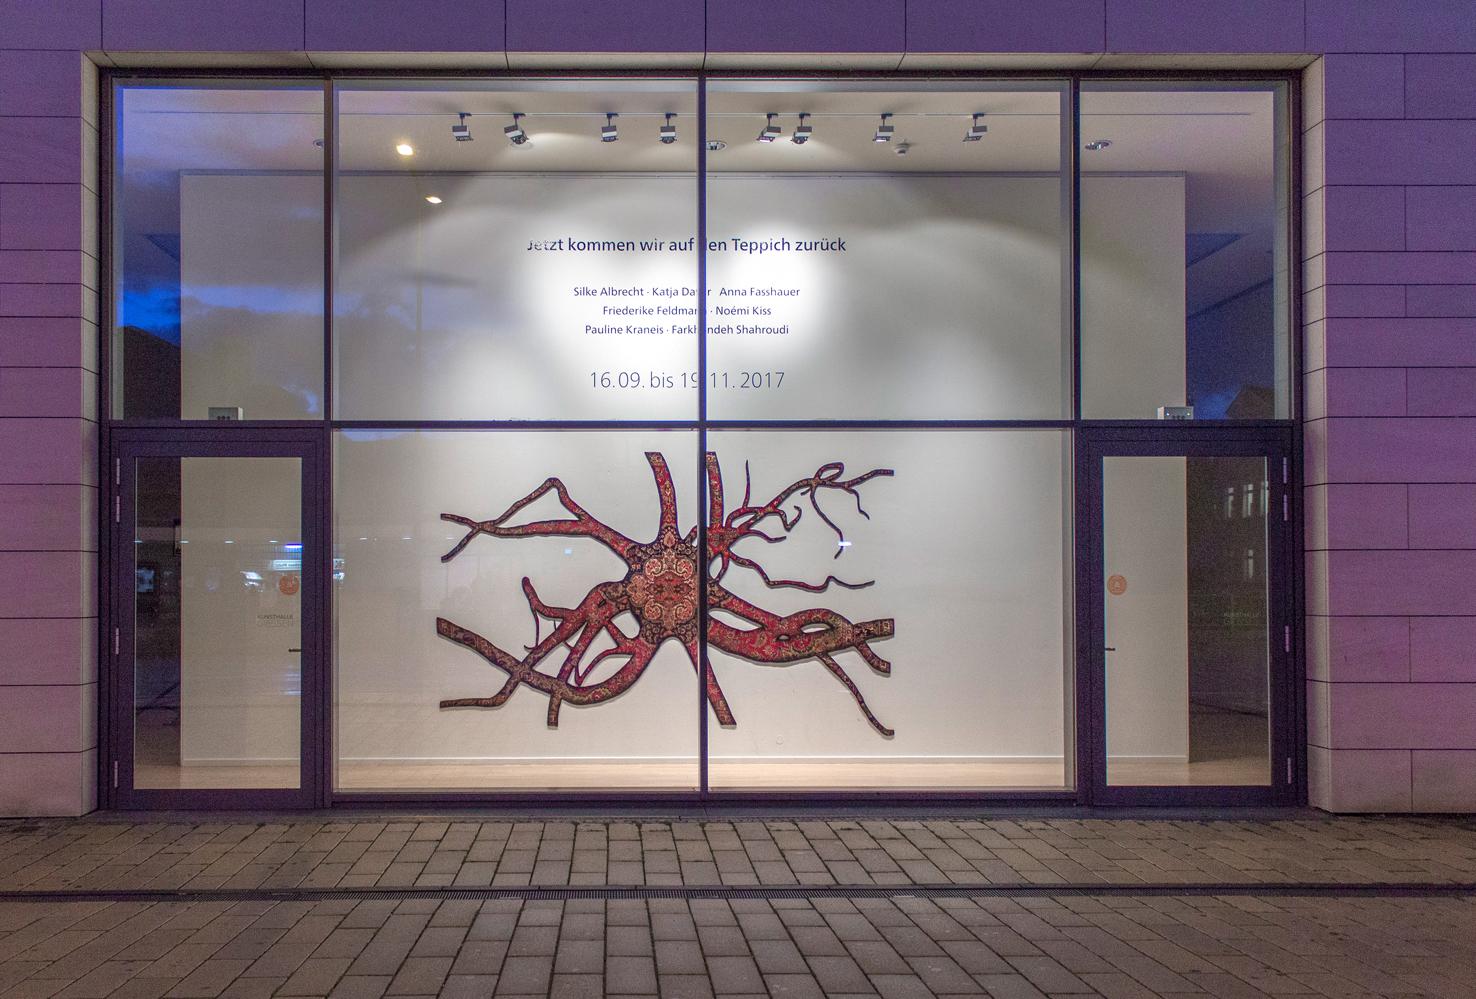 Noemi_Kiss_Kunsthalle_Giessen_Neuron_2017_2-lr.jpg